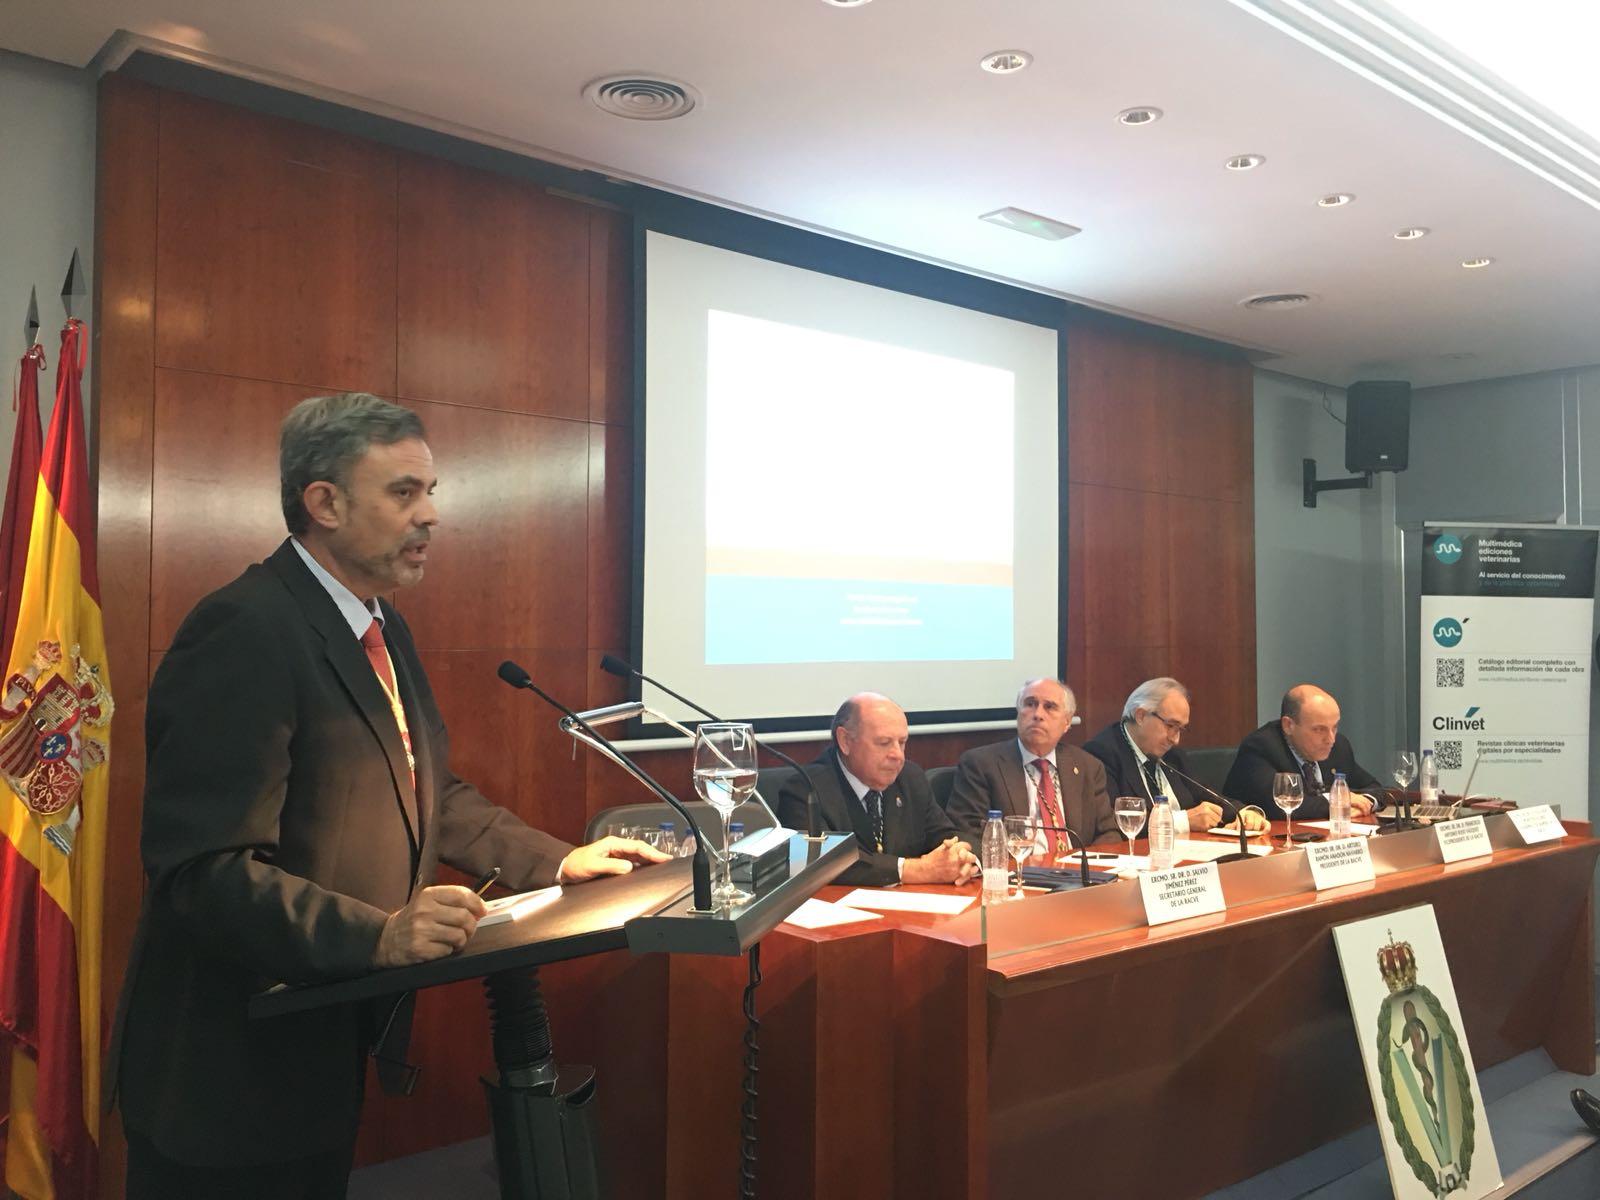 El profesor de Veterinaria de la CEU UCH Santiago Vega, durante su intervención en la sede de la RACVE, en Madrid.